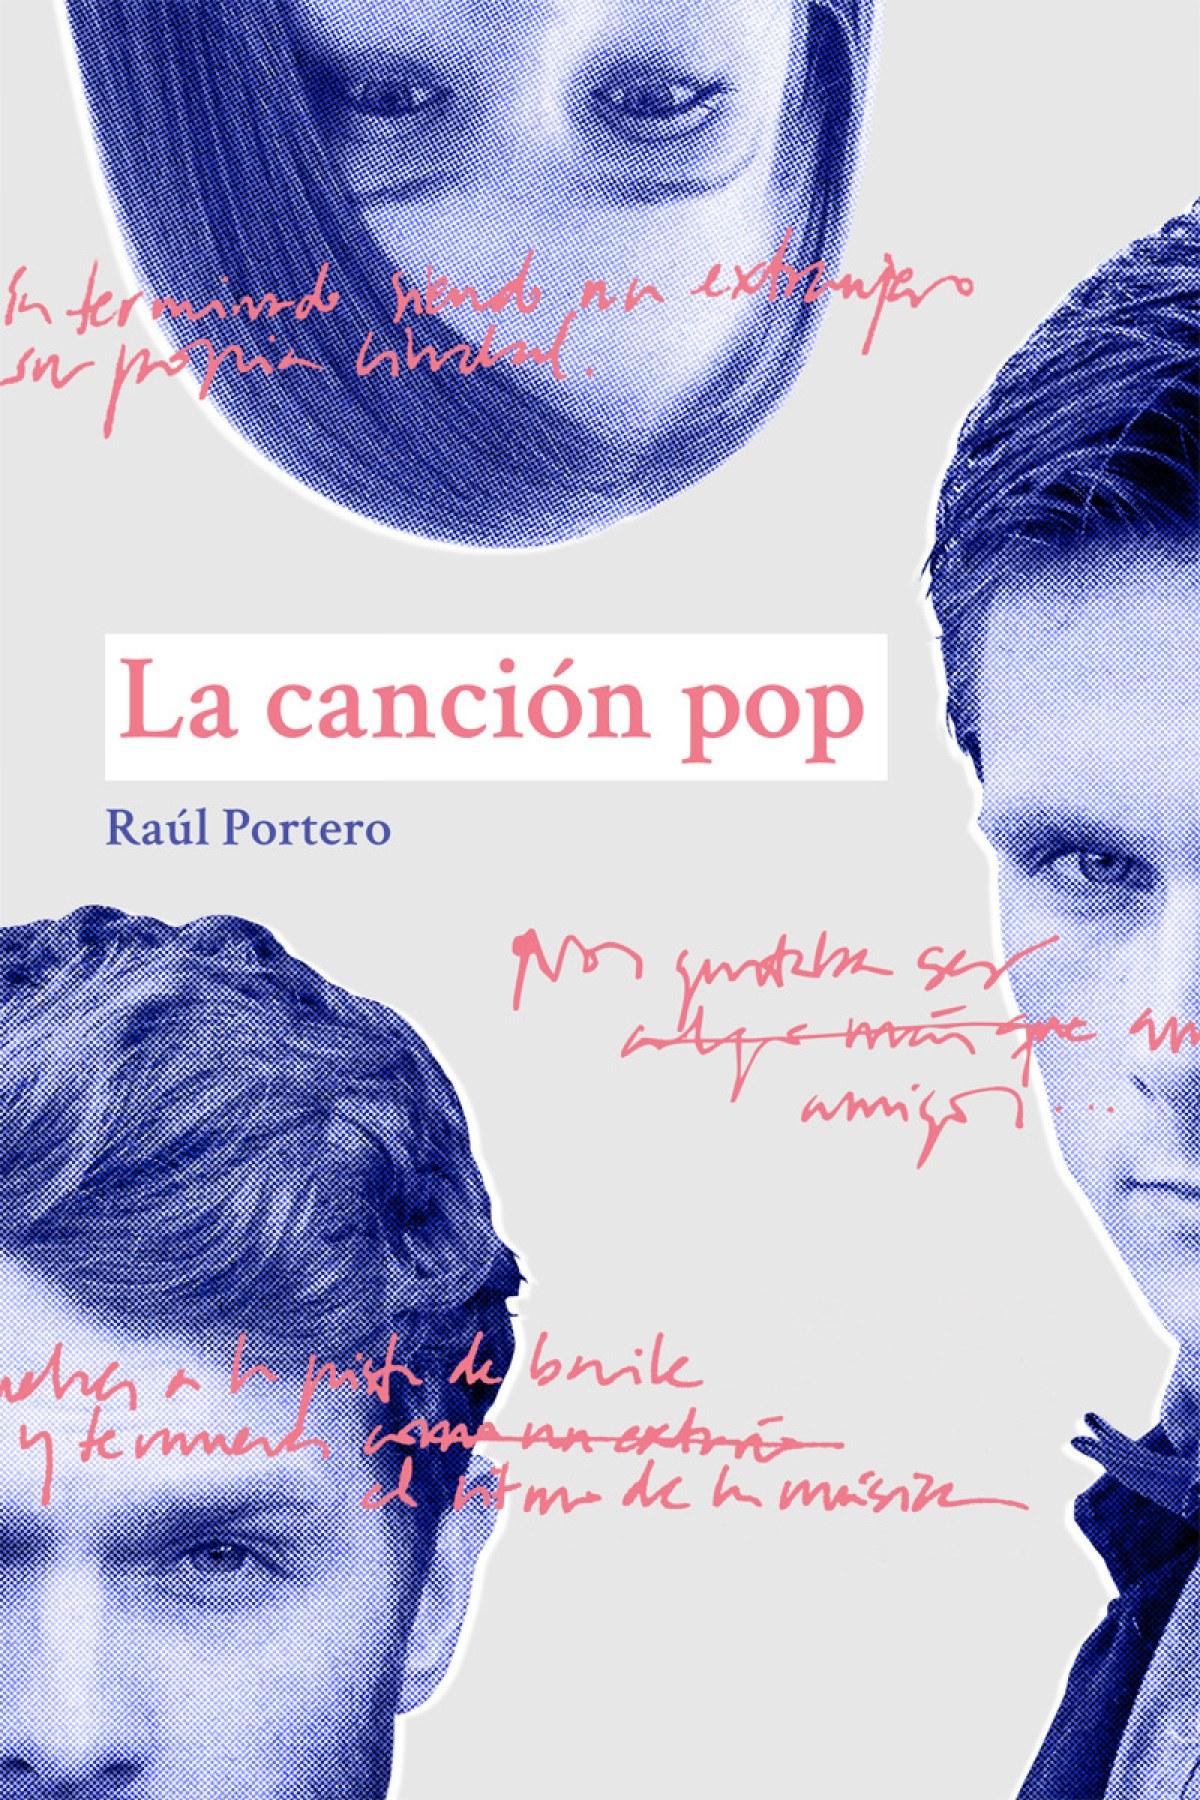 La canciÓn pop - Portero, Raúl